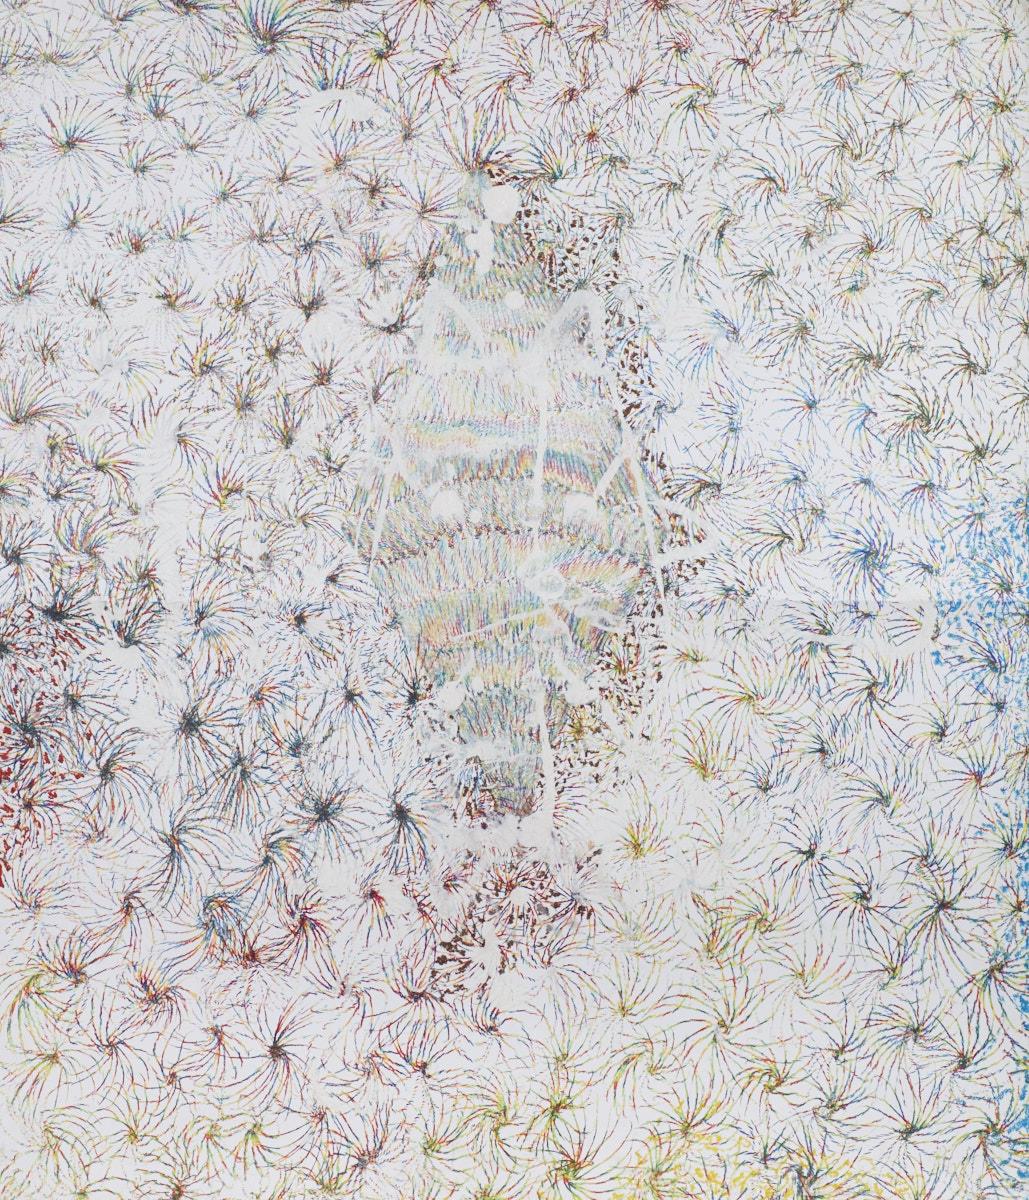 O.T. ( Eine Raute und 200 Rosetten ), 2016  Buntstift Acryl Papier, 260x200cm